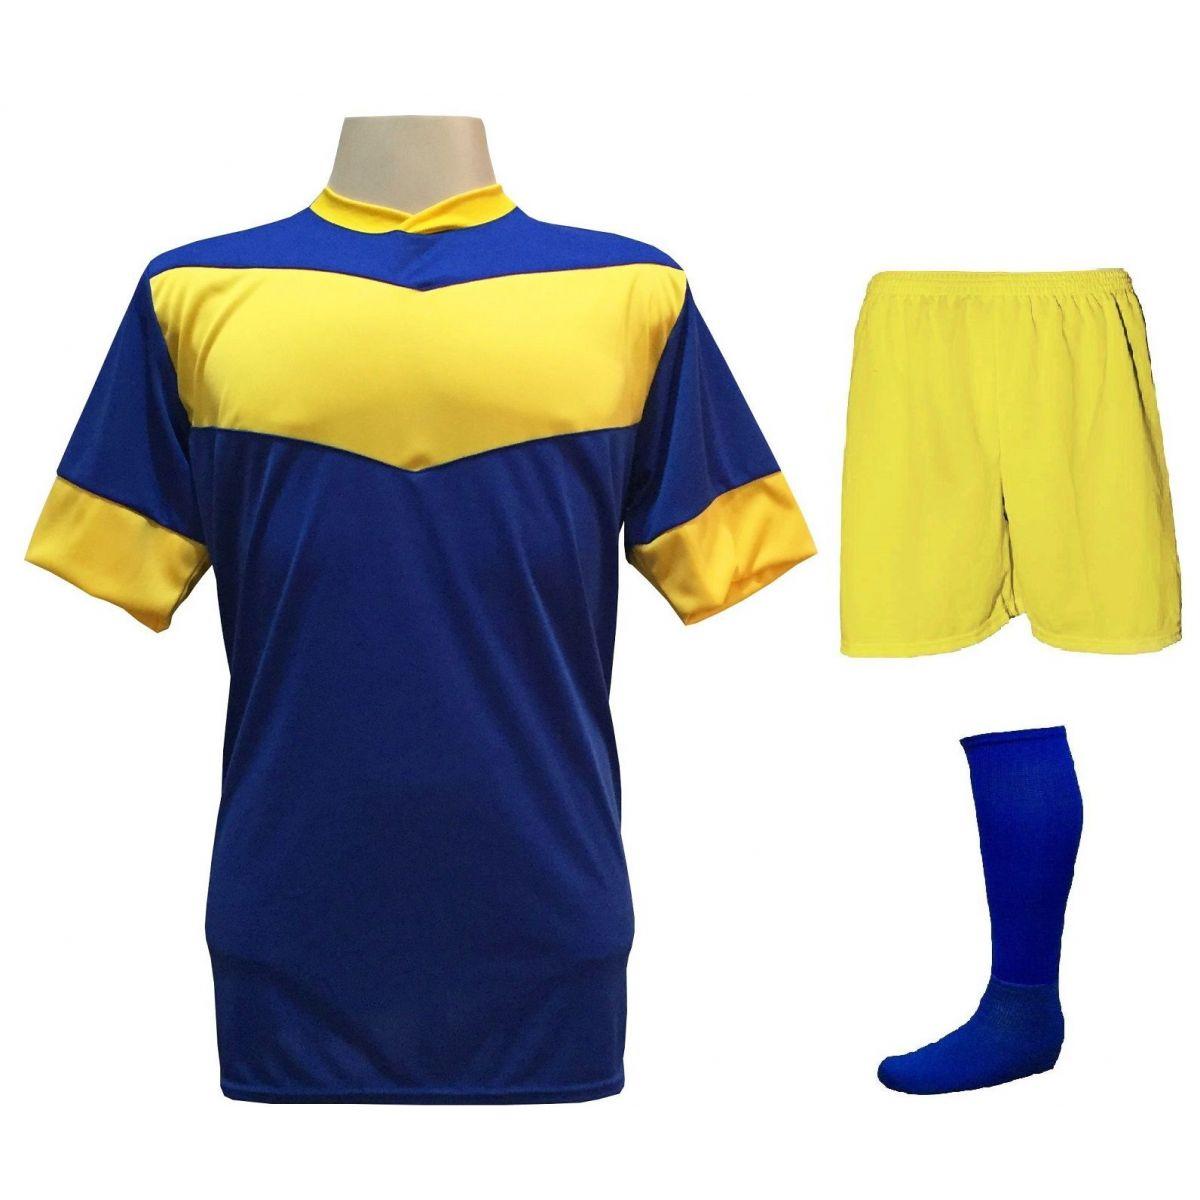 Fardamento Completo Modelo Columbus 18+1 (18 Camisas Royal/Amarelo + 18 Calções Madrid Amarelo + 18 Pares de Meiões Royal + 1 Conjunto de Goleiro) + Brindes